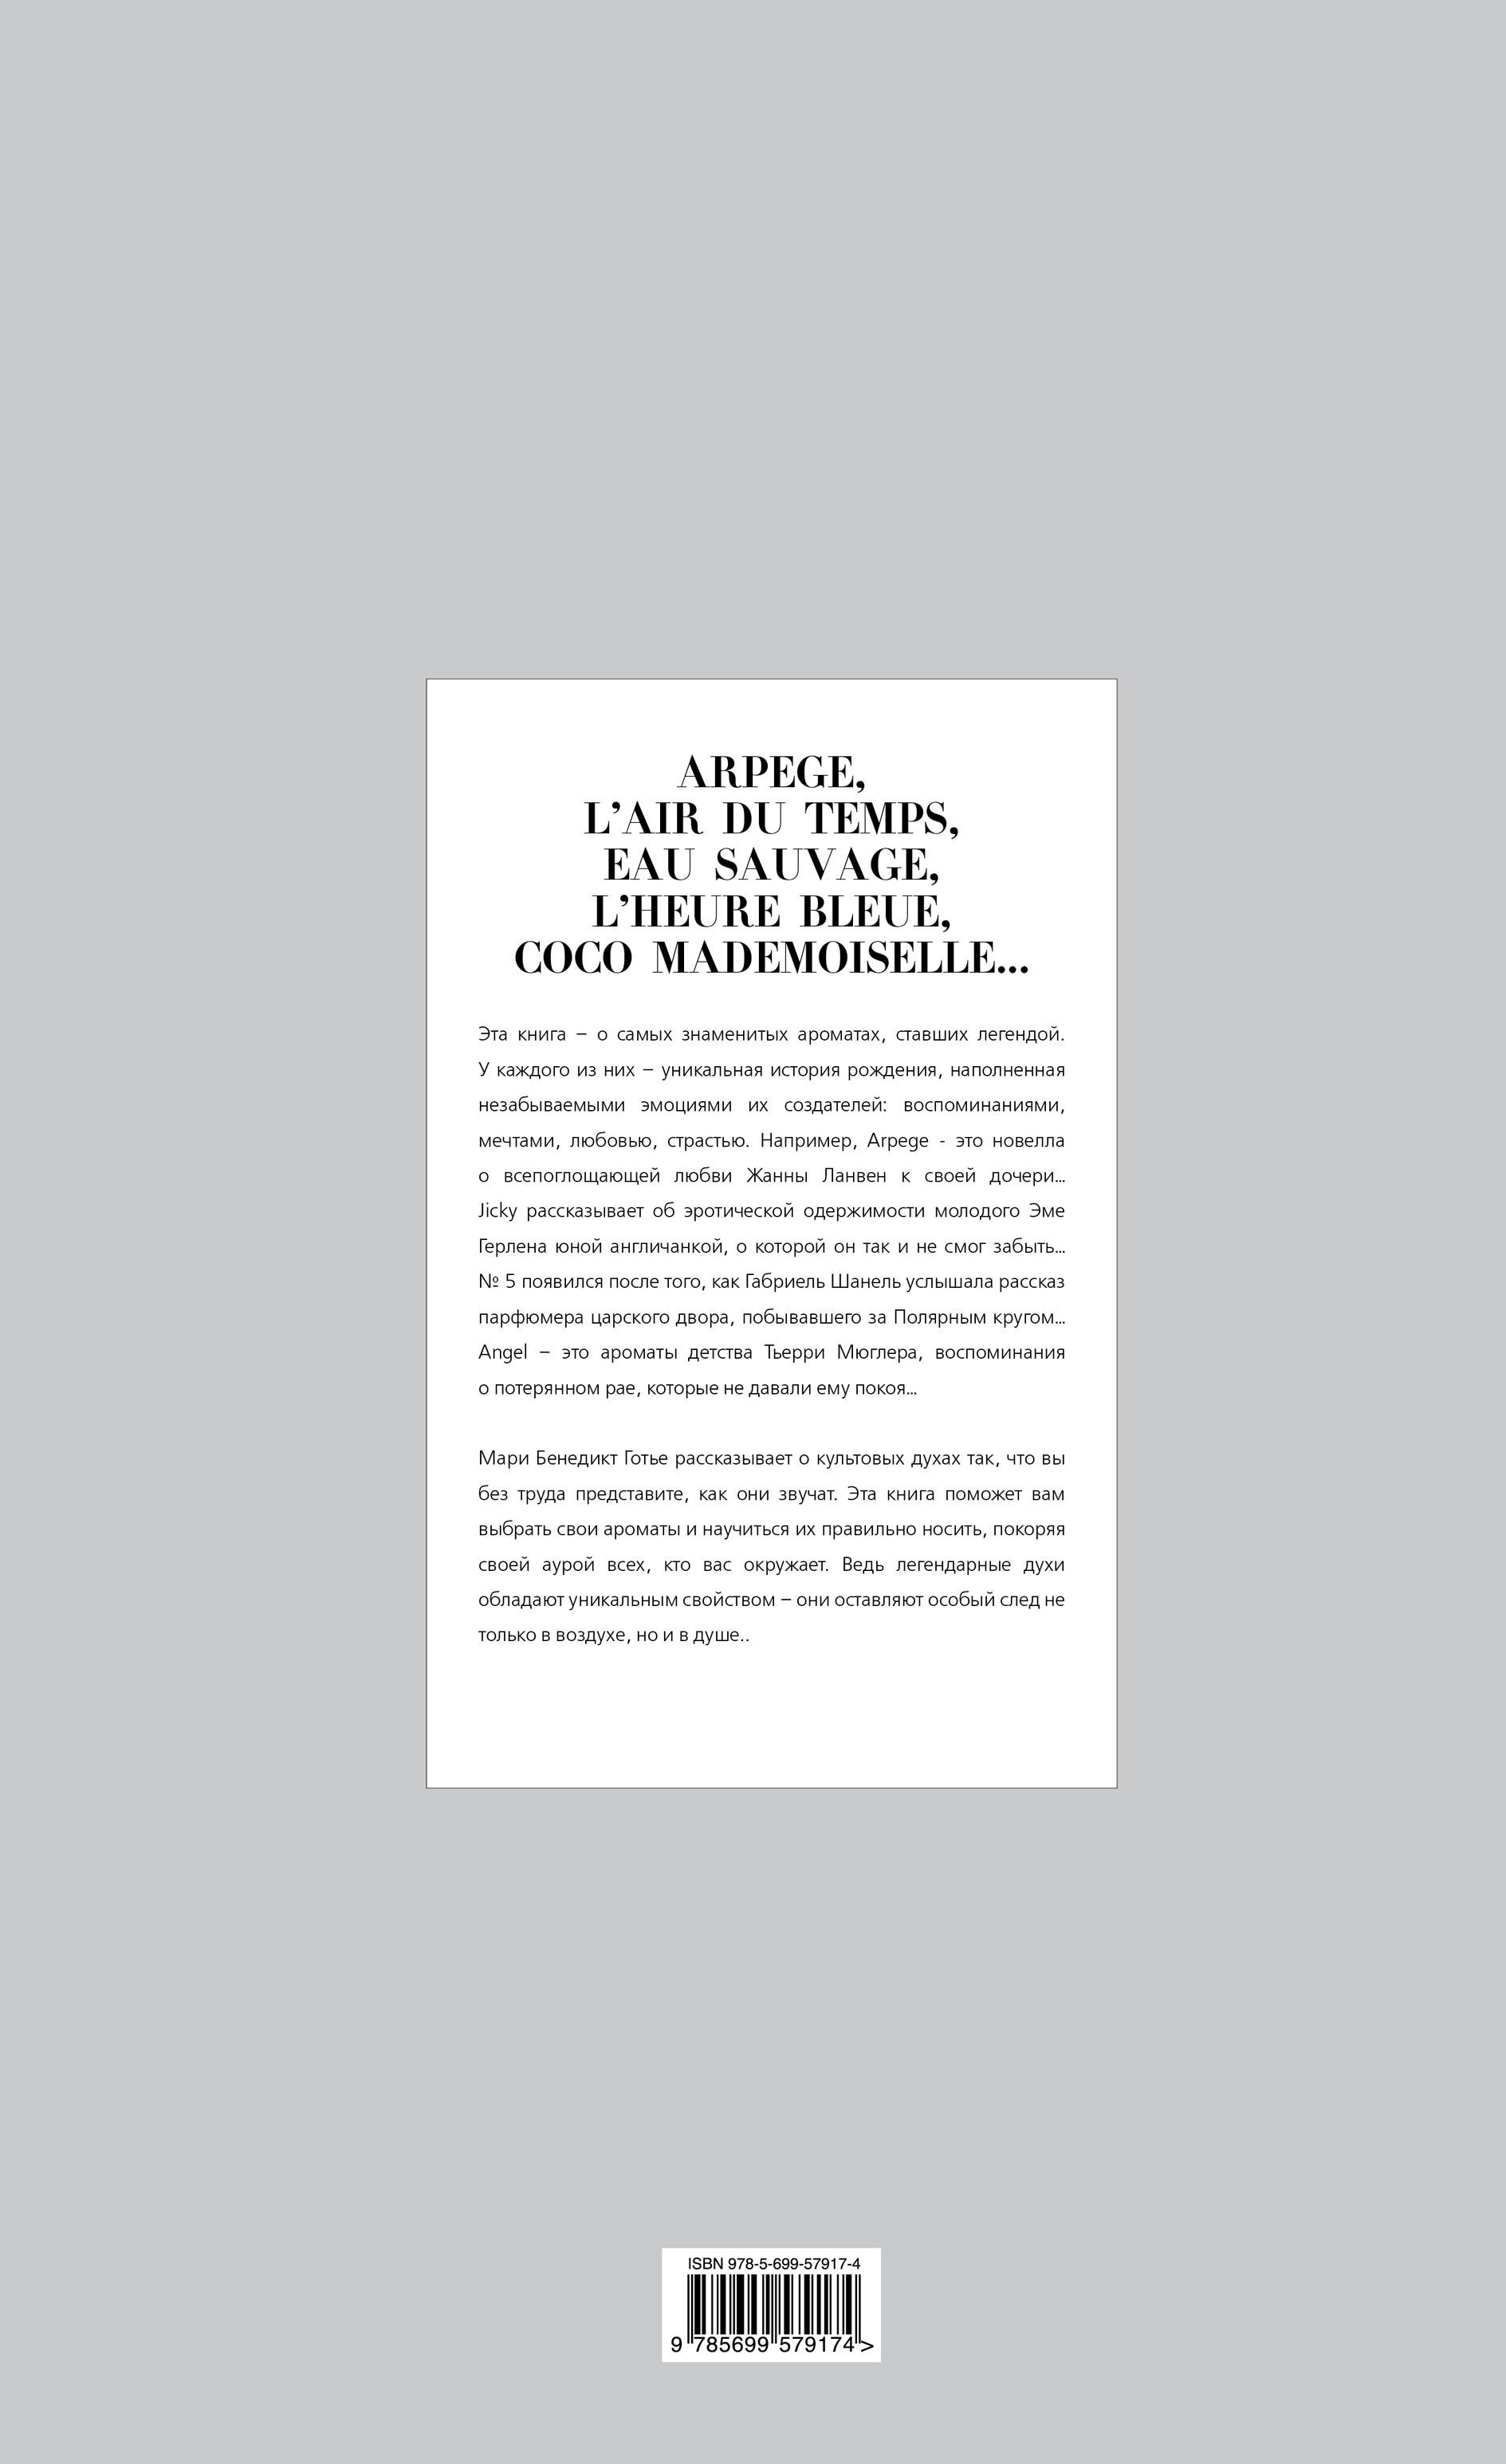 Готье Мари Бенедикт. Parfums mythiques. Эксклюзивная коллекция легендарных духов (подарочное издание)